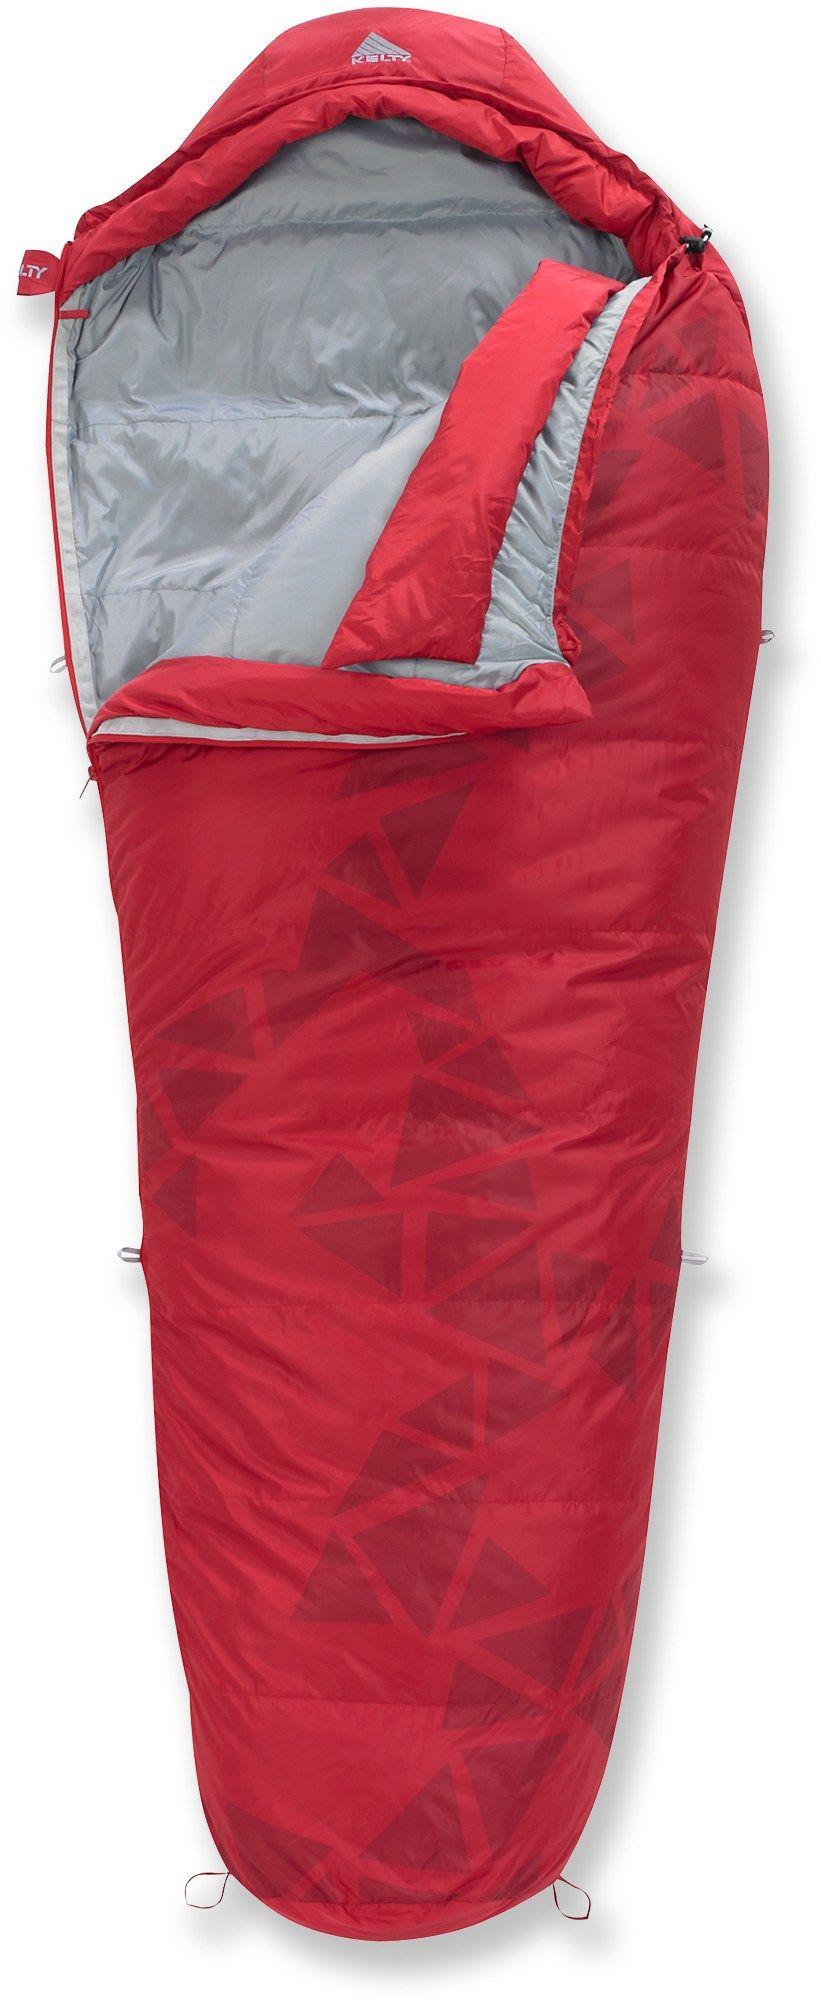 Kelty Cosmic Down 21 Sleeping Bag